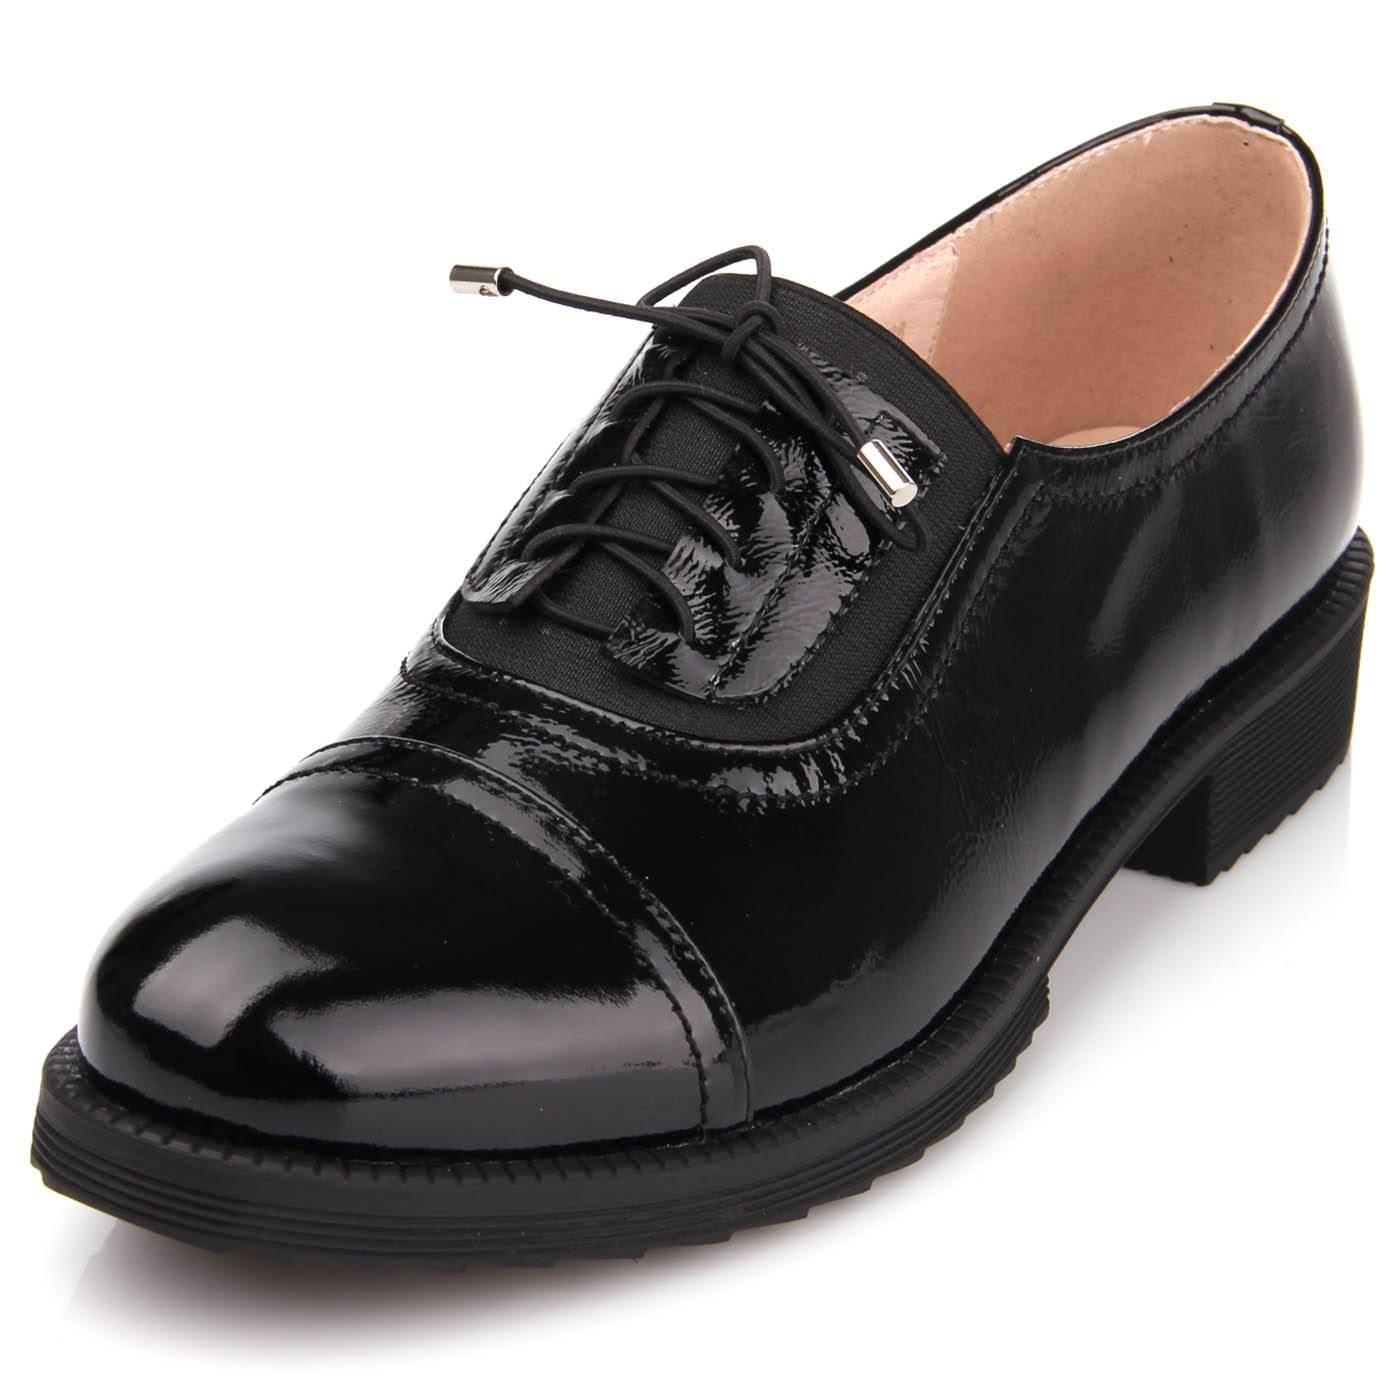 Туфлі жіночі ditto 6858 Чорний купить по выгодной цене в интернет ... 846dff928617d